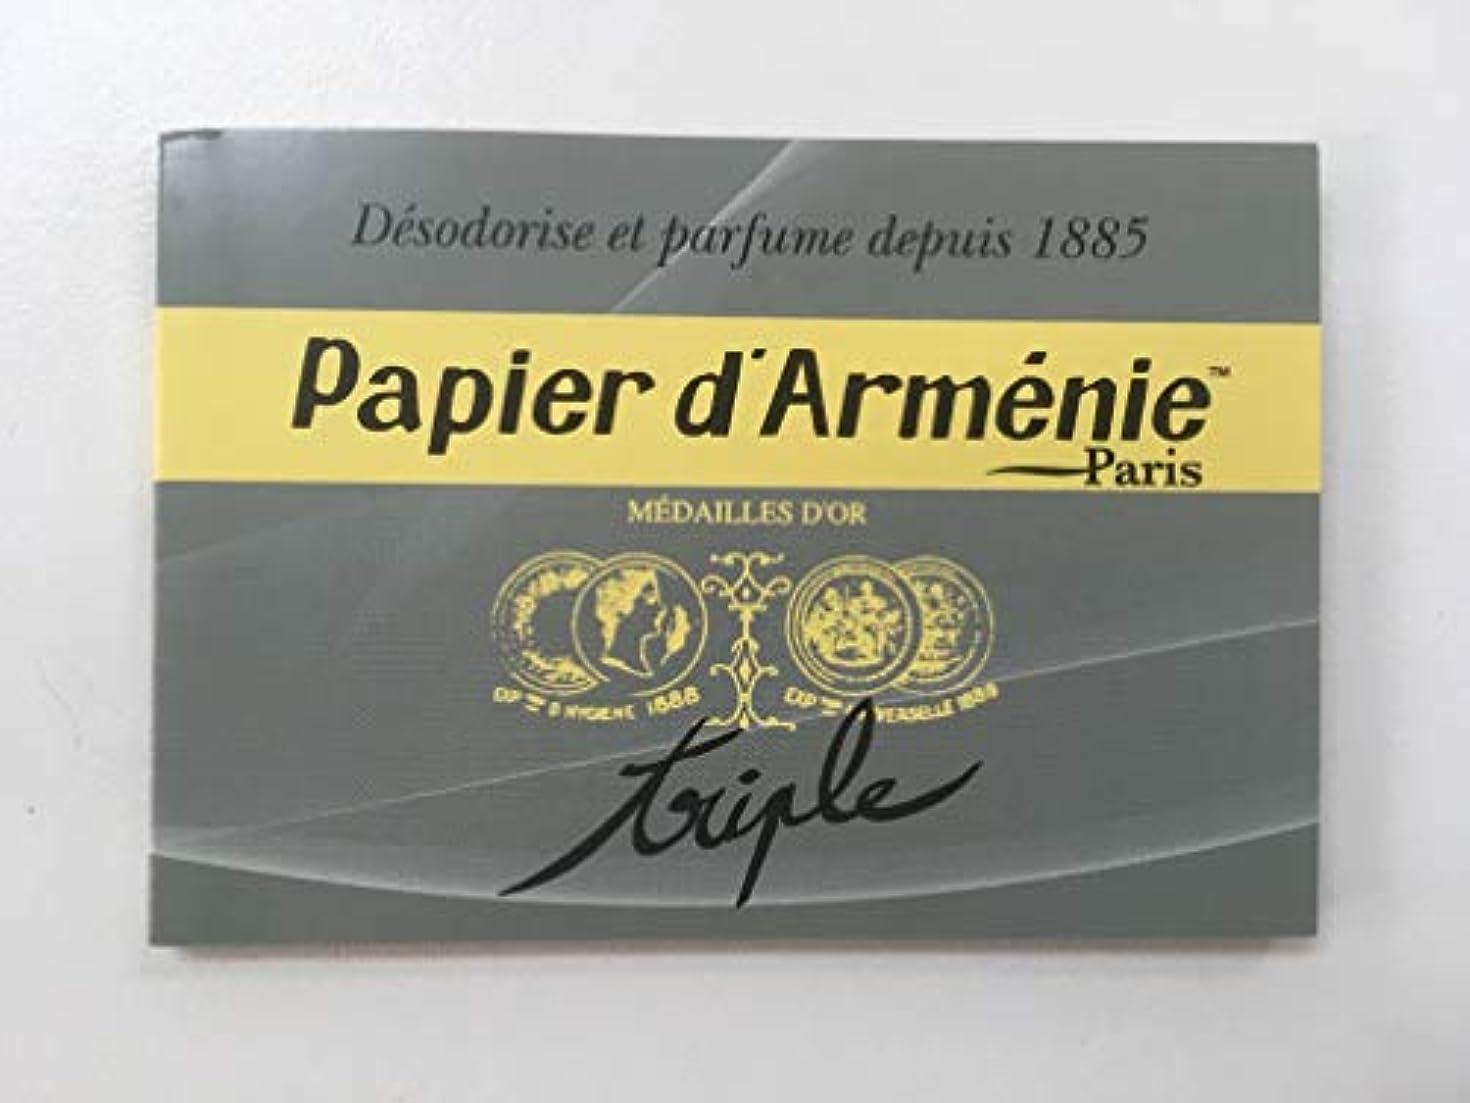 のスコアドナー嫌いパピエダルメニイ 空気を浄化する紙のお香パピエダルメニイ トリプル ヨーロッパ雑貨